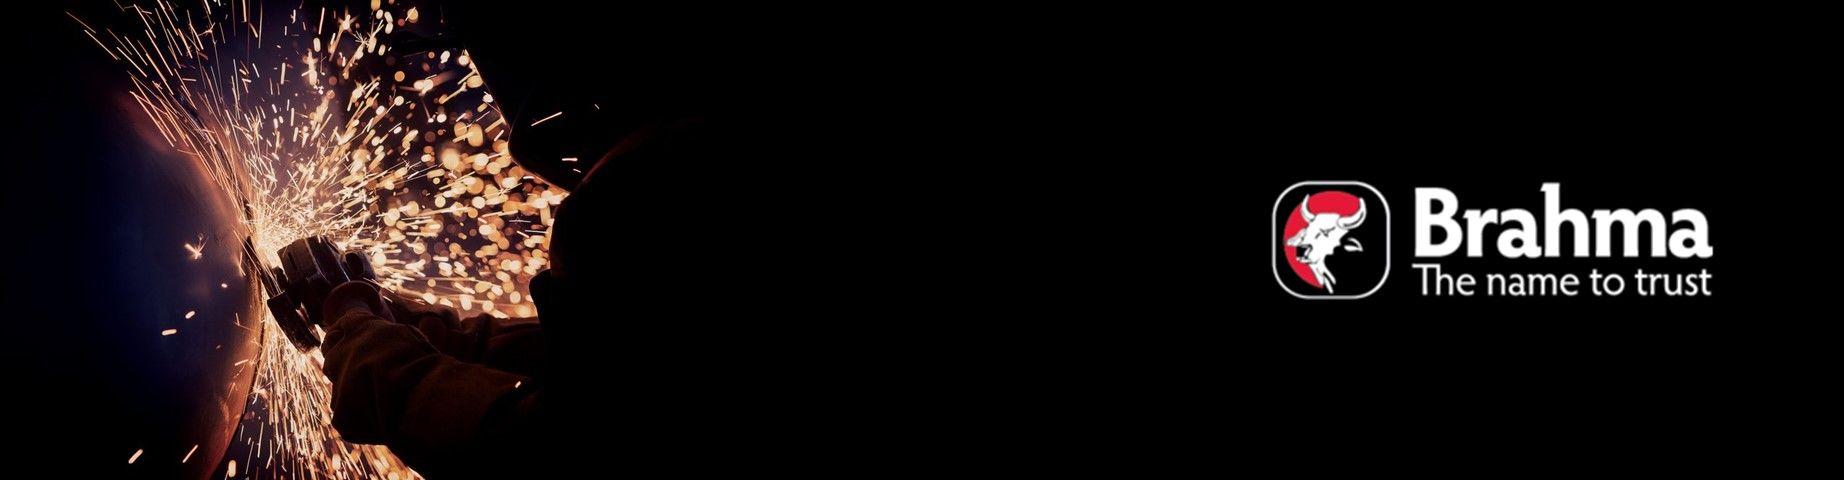 Brahma mini image